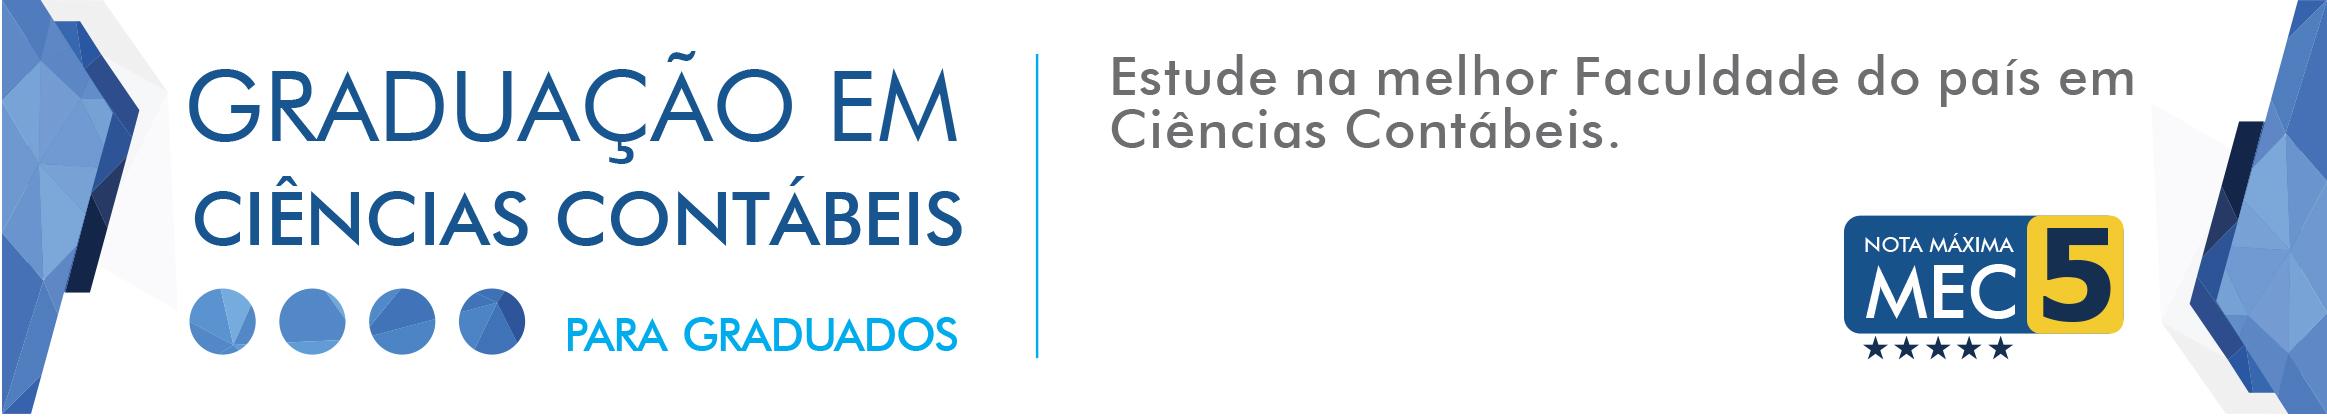 banner cursos